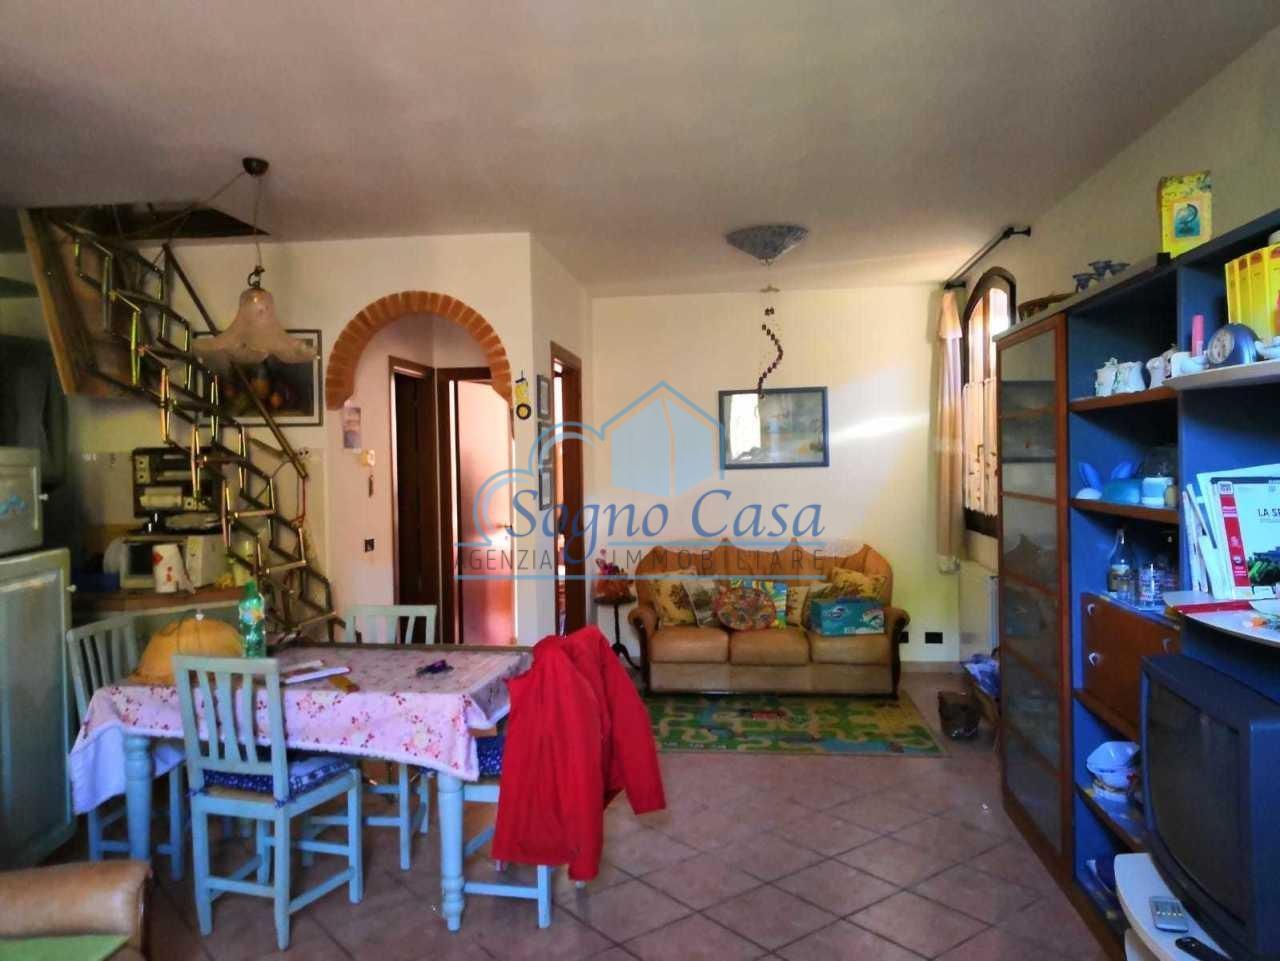 Appartamento in vendita a Ameglia, 2 locali, prezzo € 165.000 | PortaleAgenzieImmobiliari.it